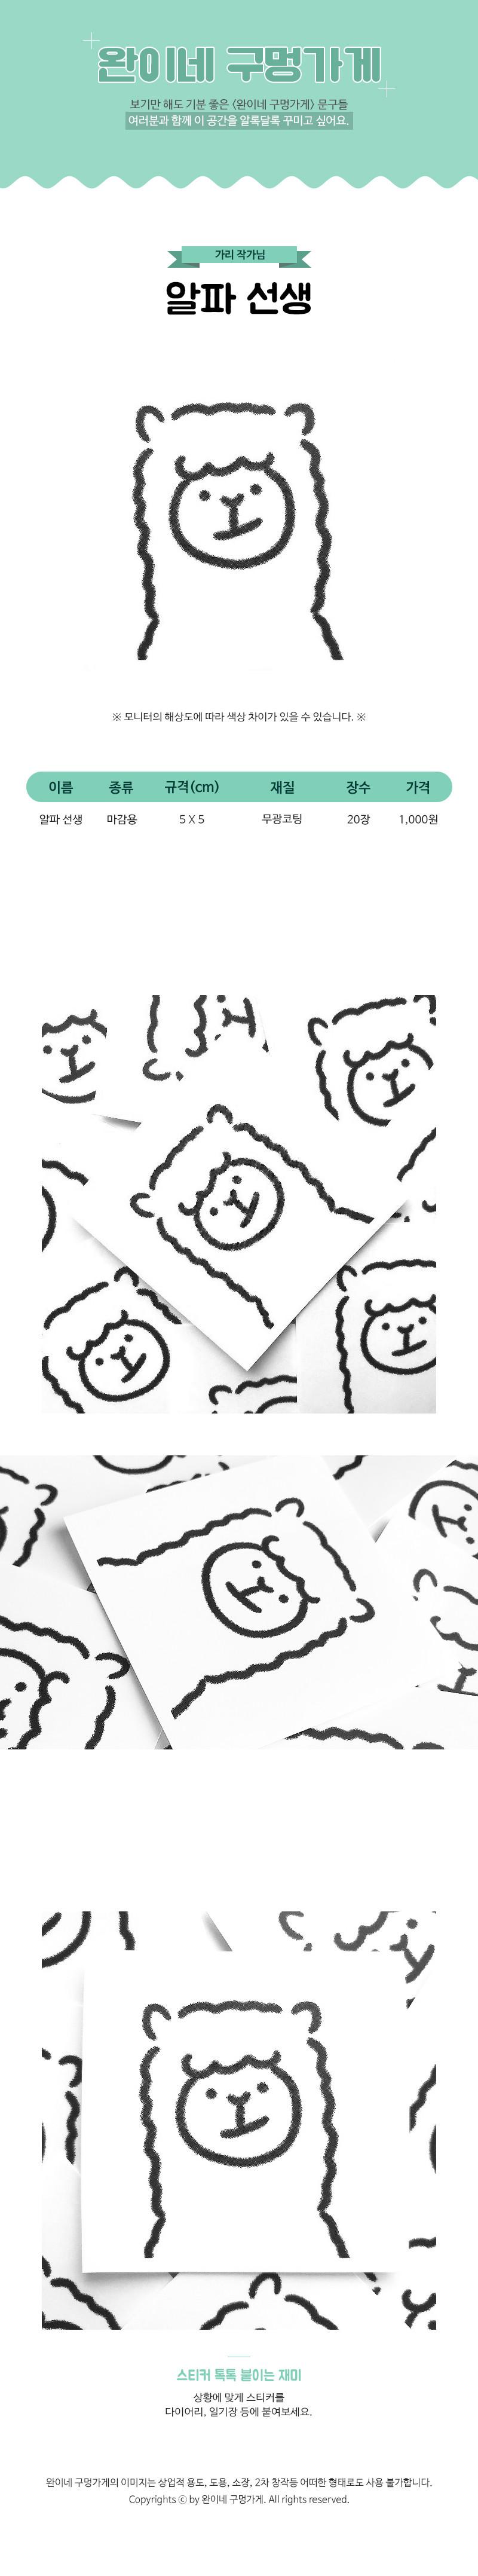 sticker814